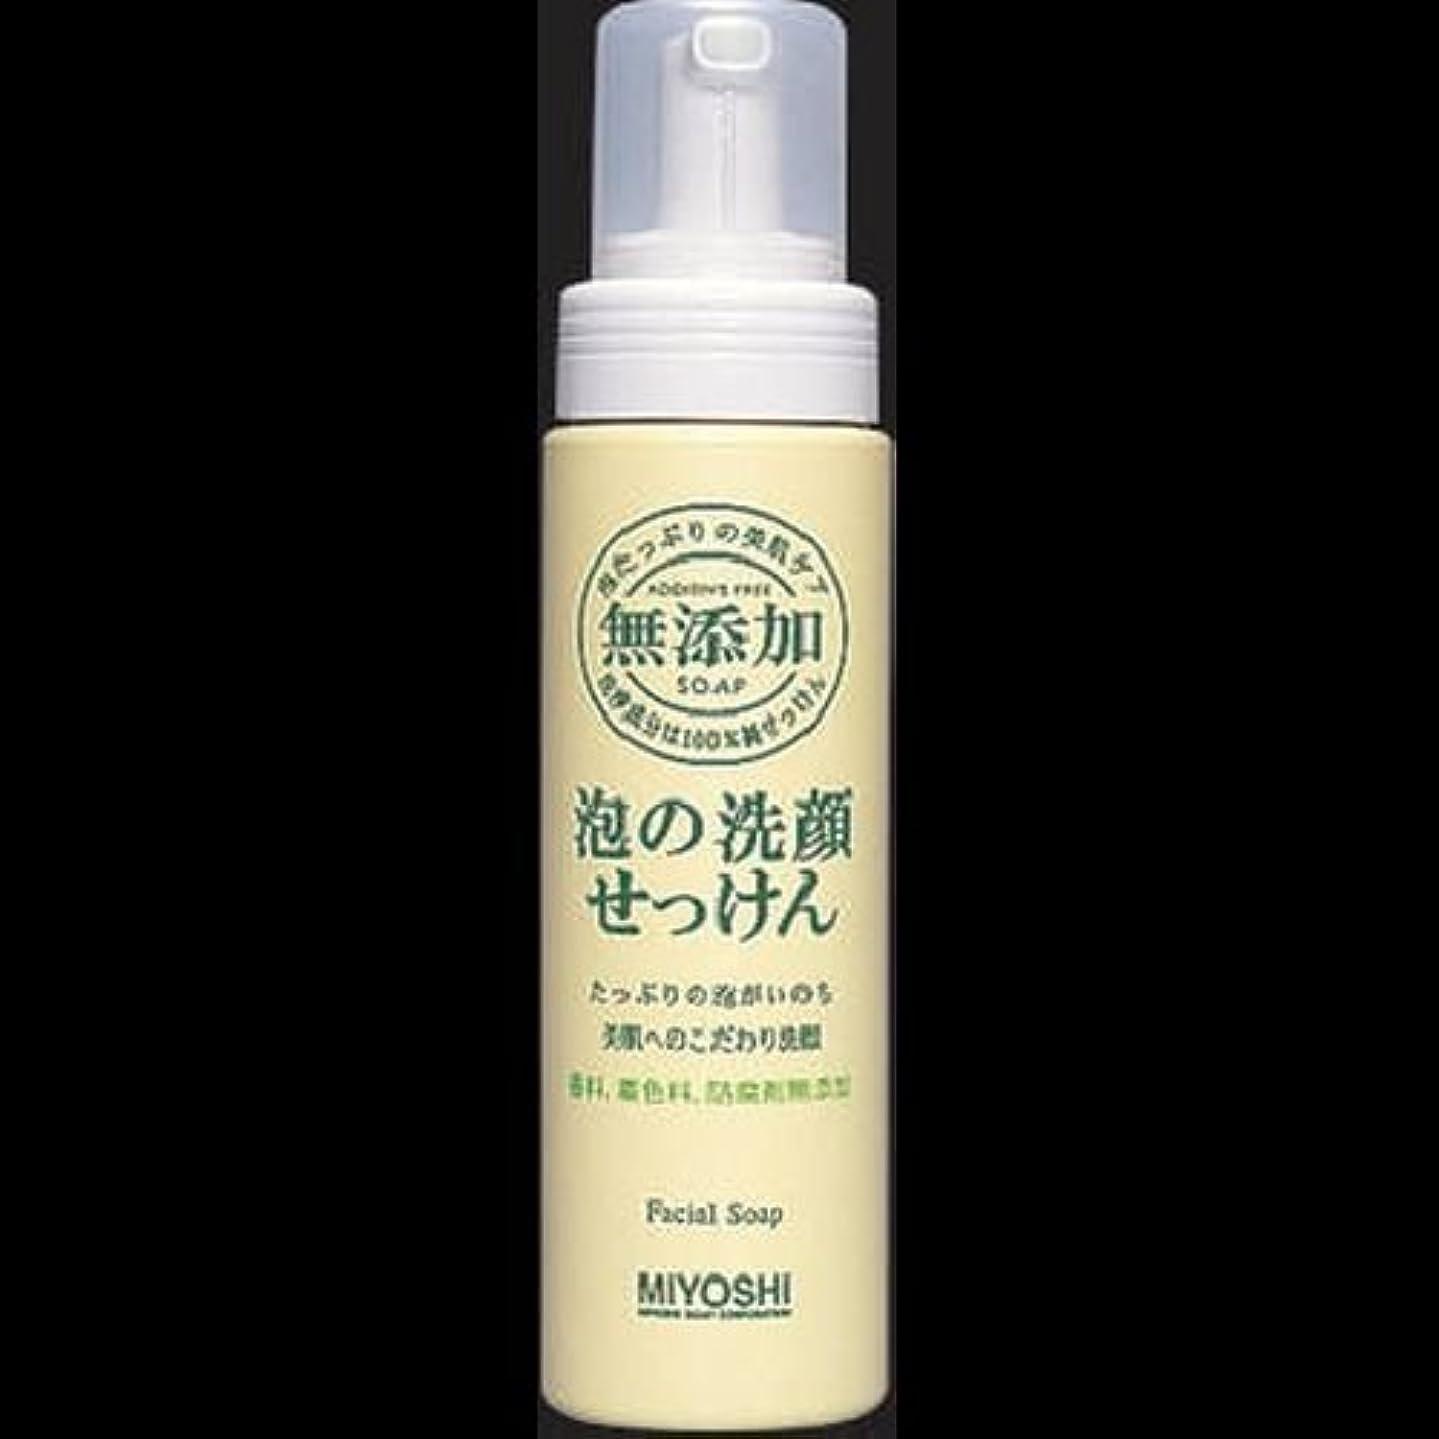 必要ない傷跡まさに【まとめ買い】ミヨシ 無添加 泡の洗顔せっけん ×2セット